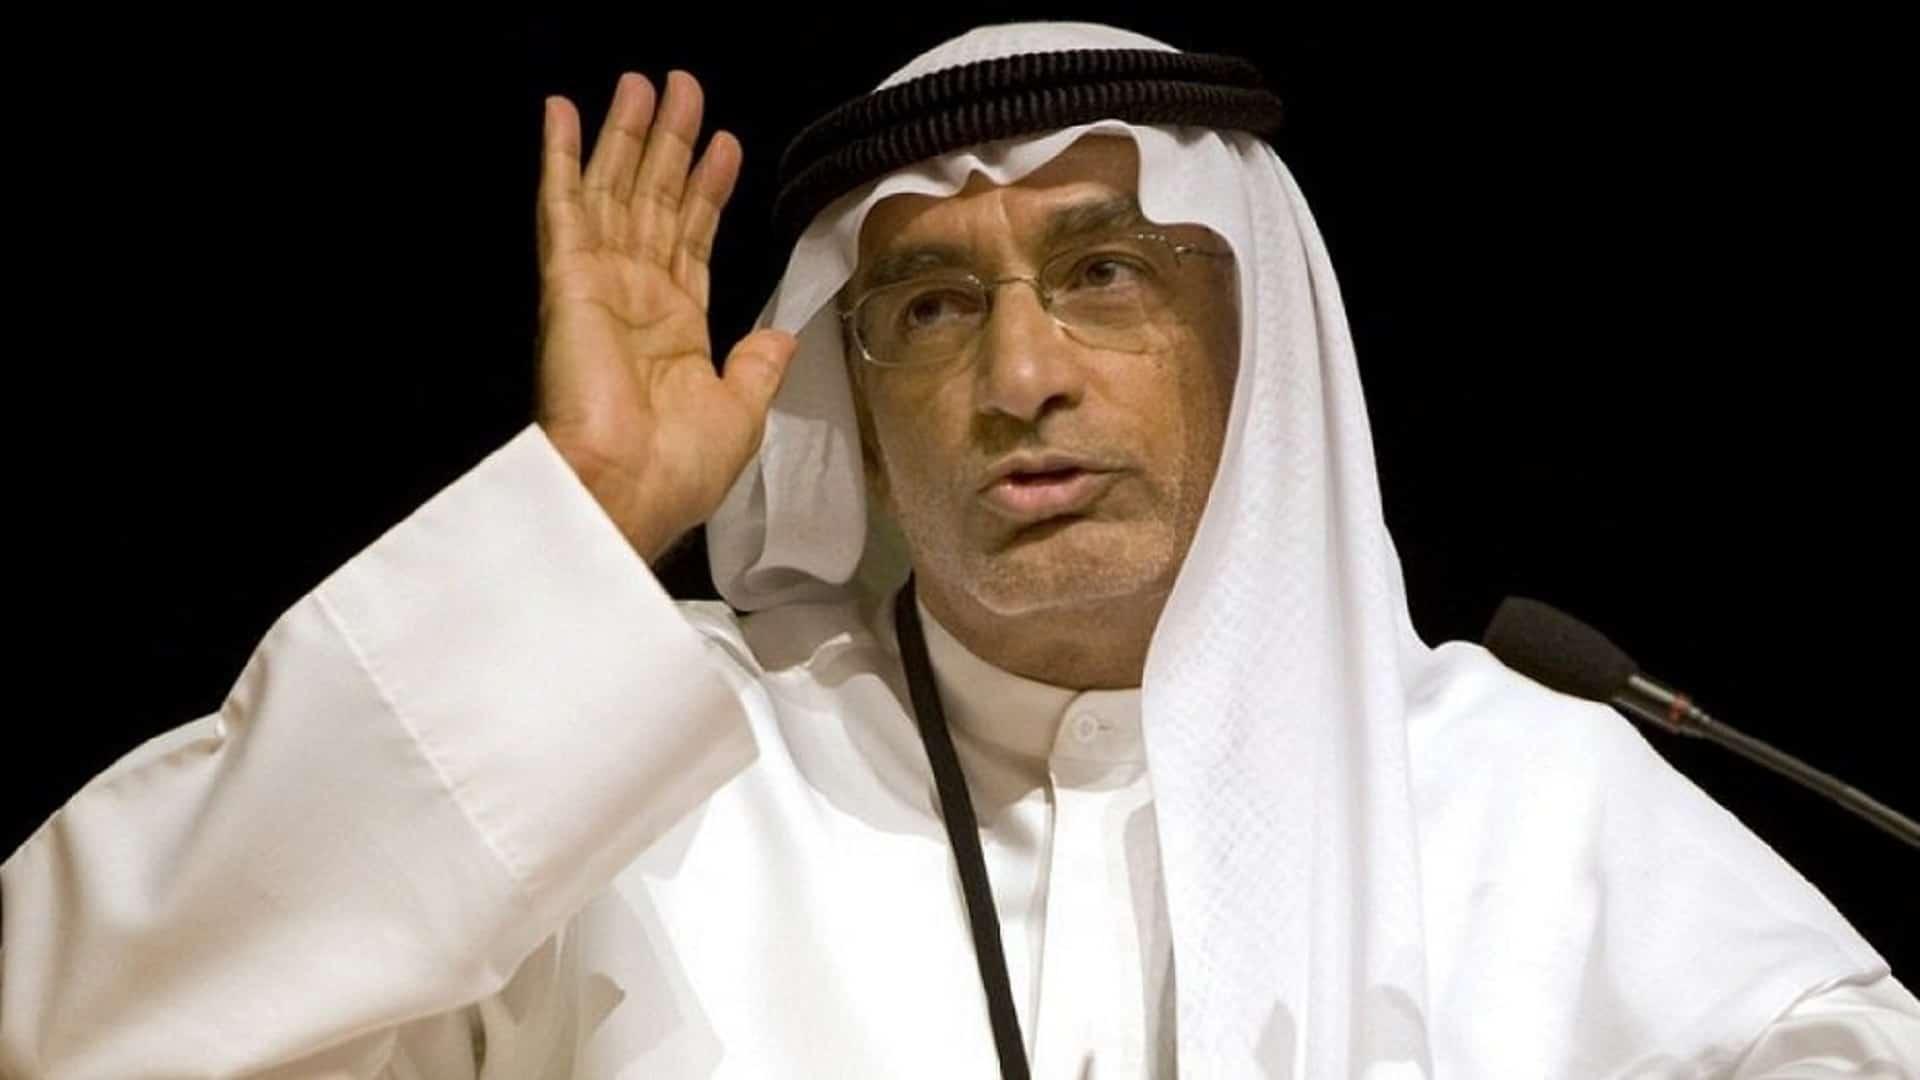 عبدالخالق عبدالله يتحدث عن أزمة طالبان